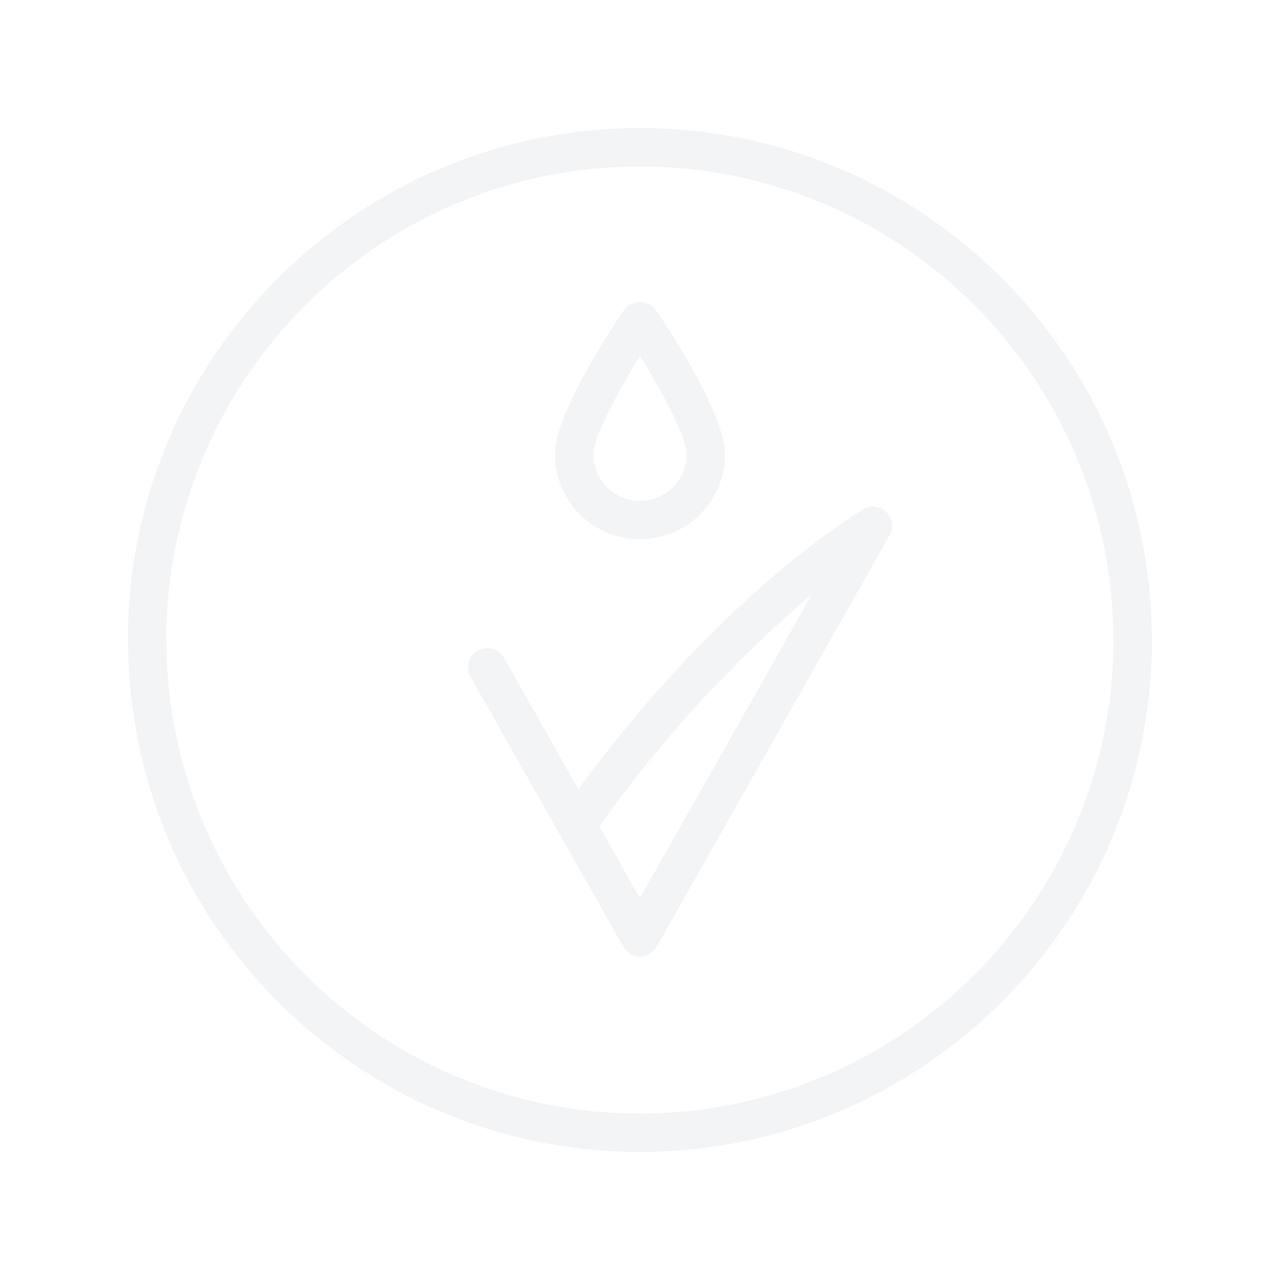 L'OREAL Color Riche Matte Lipstick No.633 Moka Chic 5g